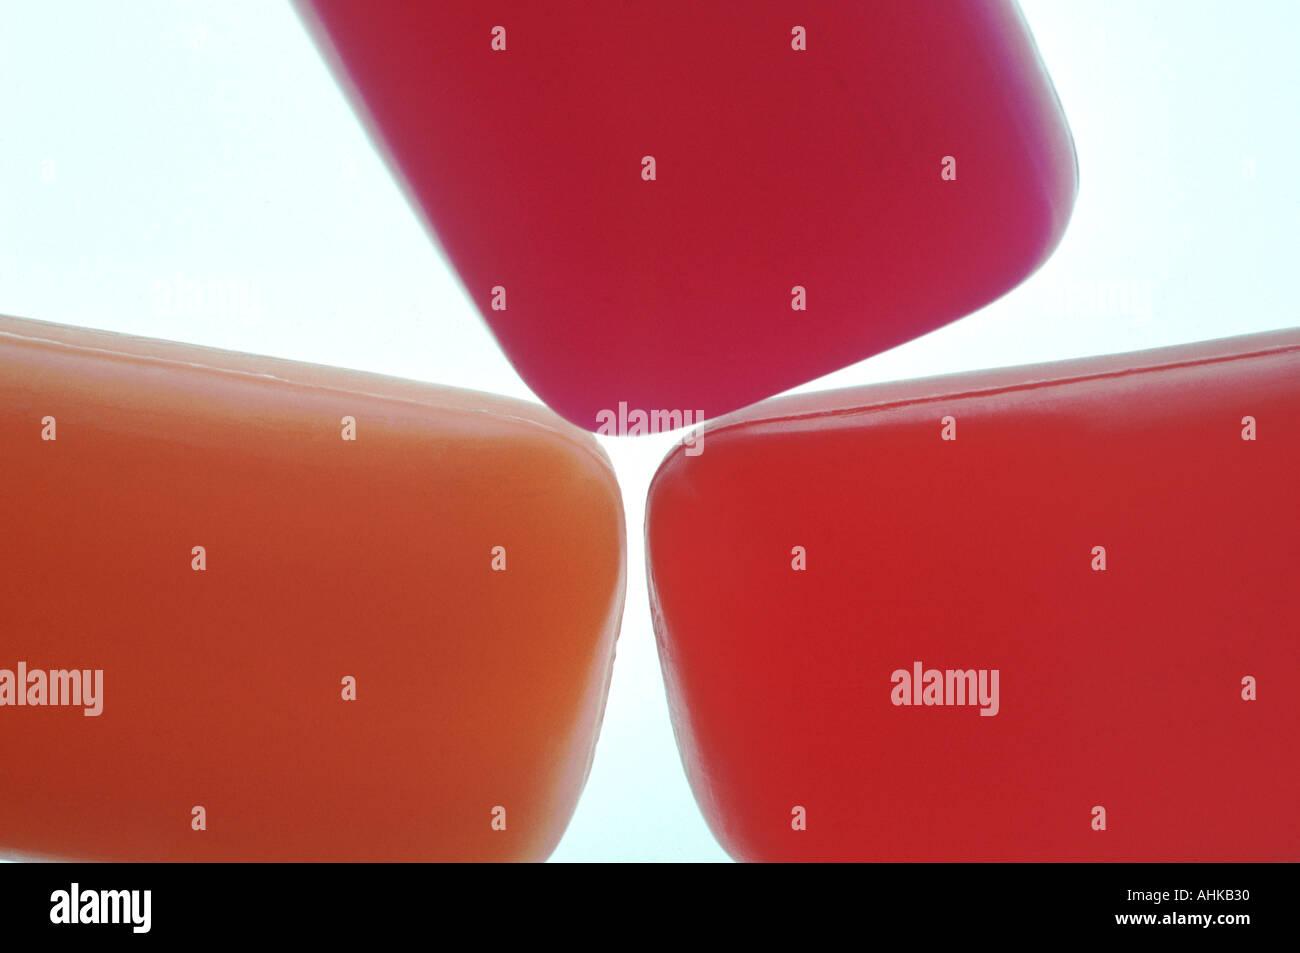 Three glycerin soap bars close up - Stock Image